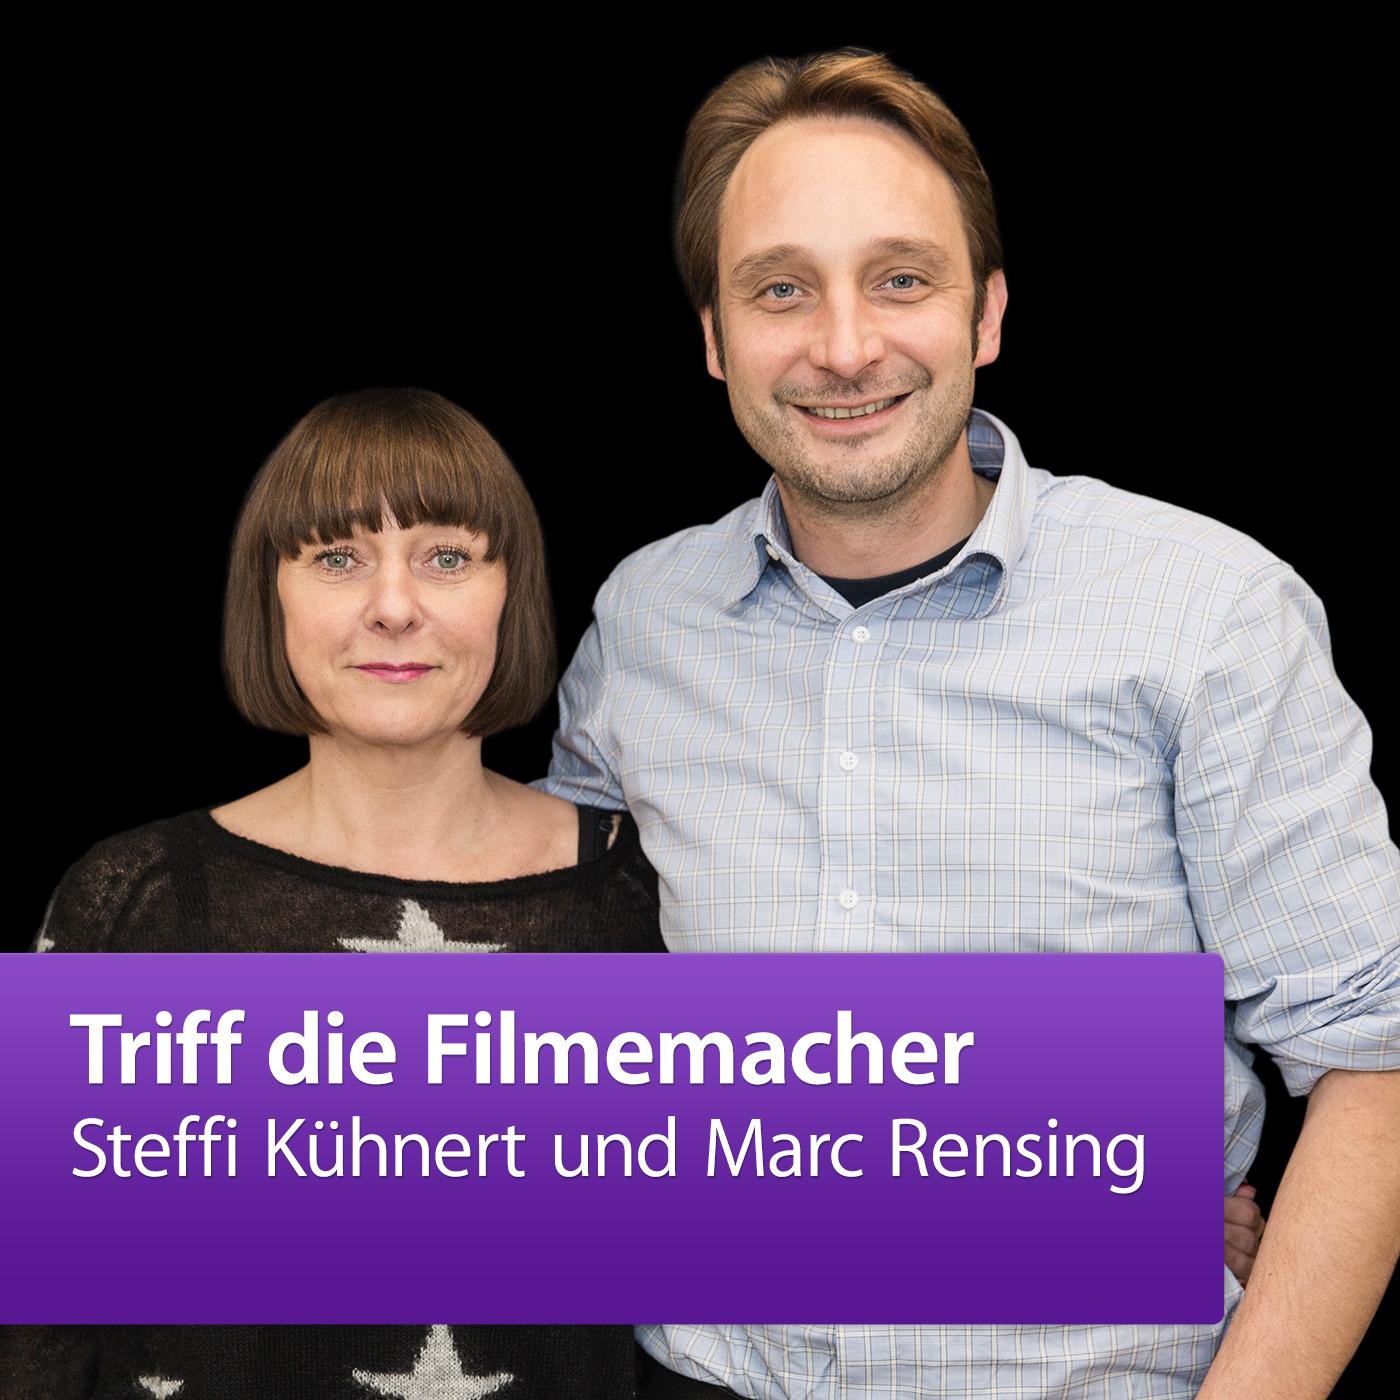 Steffi Kühnert und Marc Rensing: Triff die Filmemacher